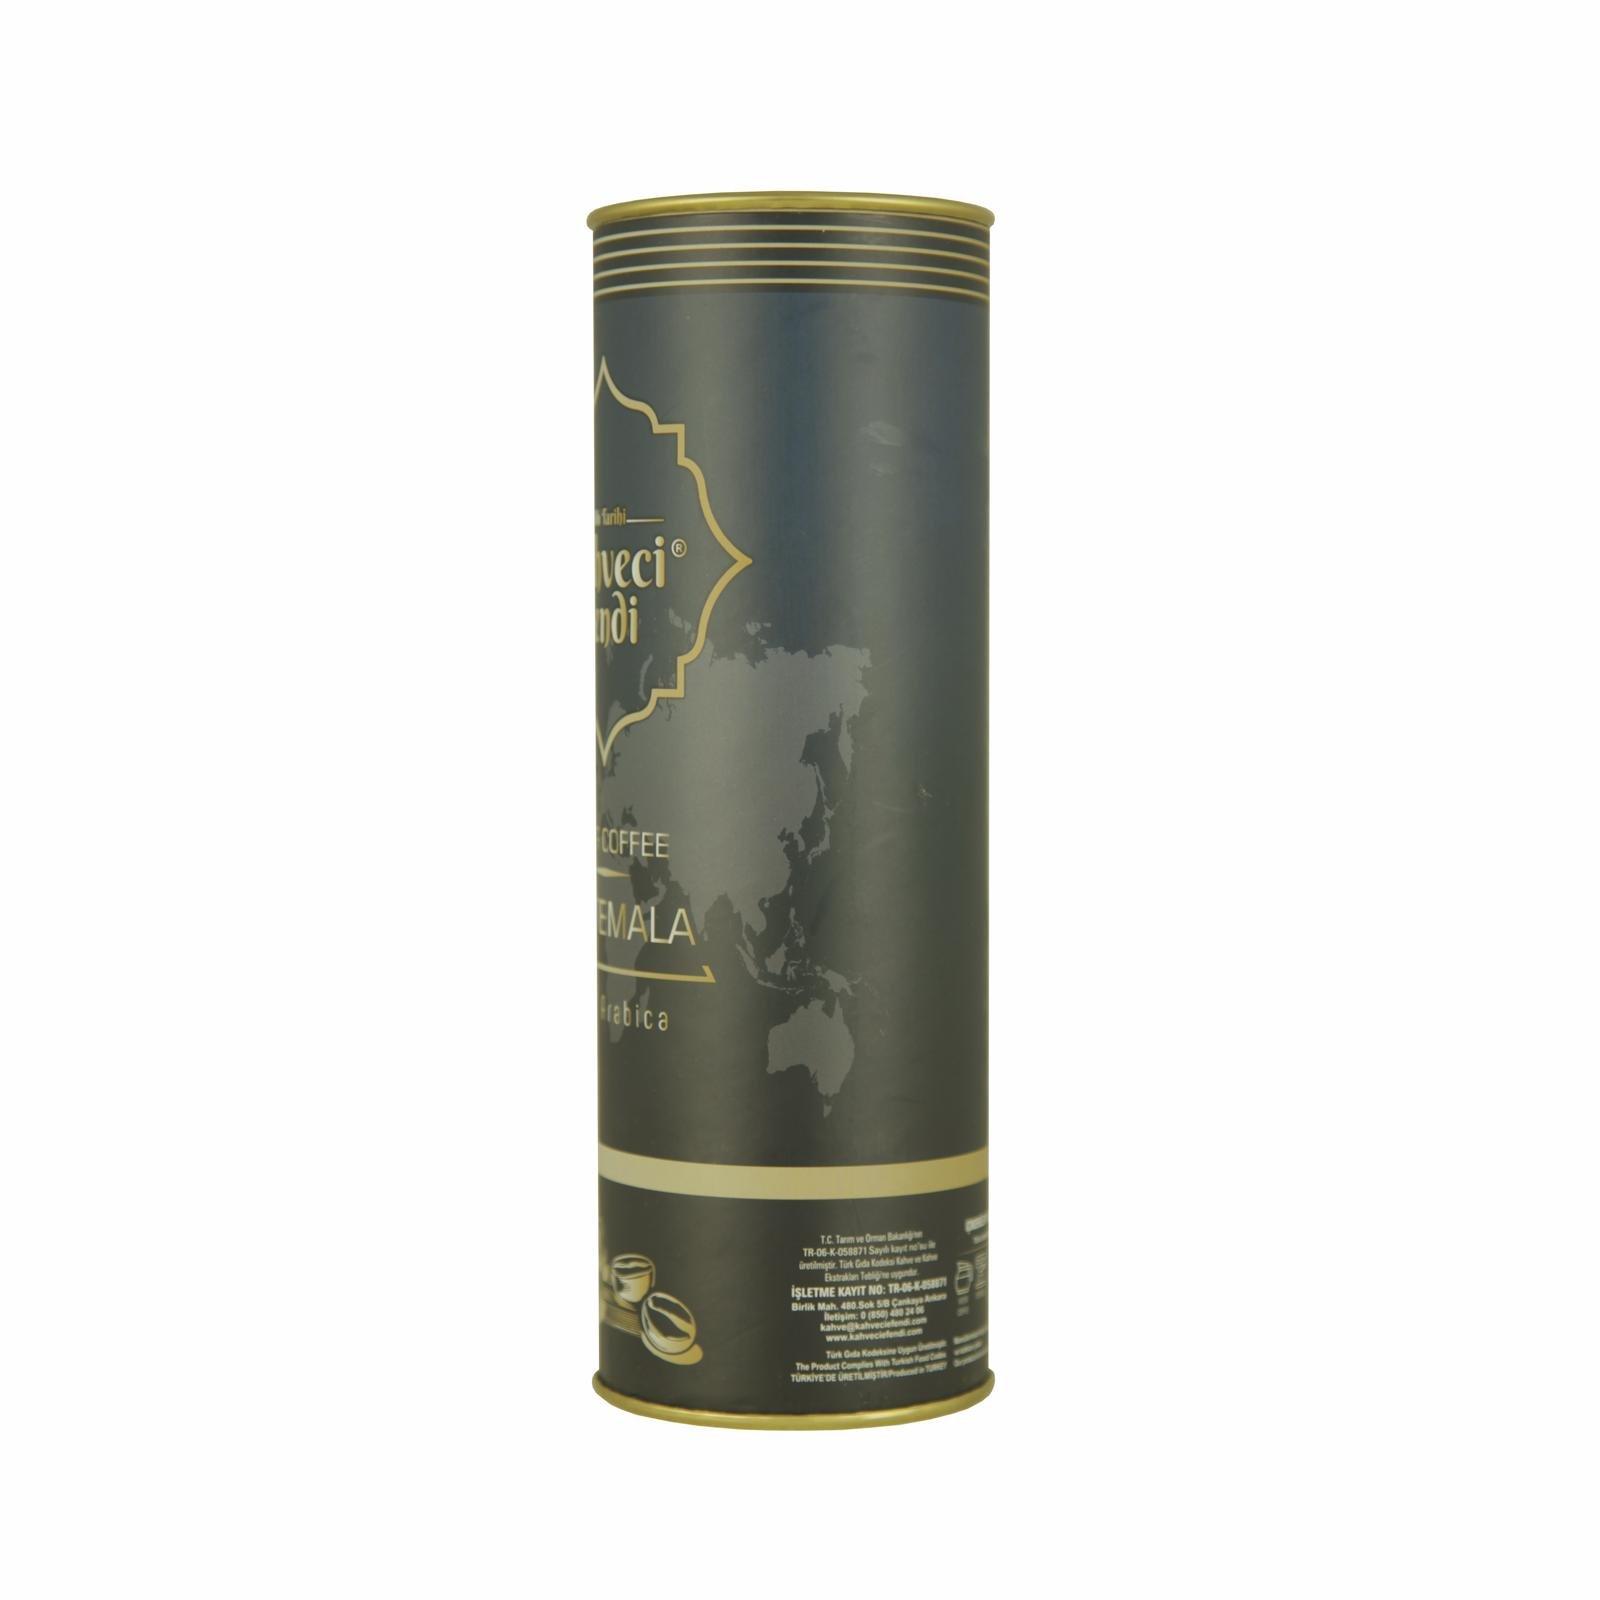 250 GR Guatemala Filtre Kahve Premium Teneke Kutu